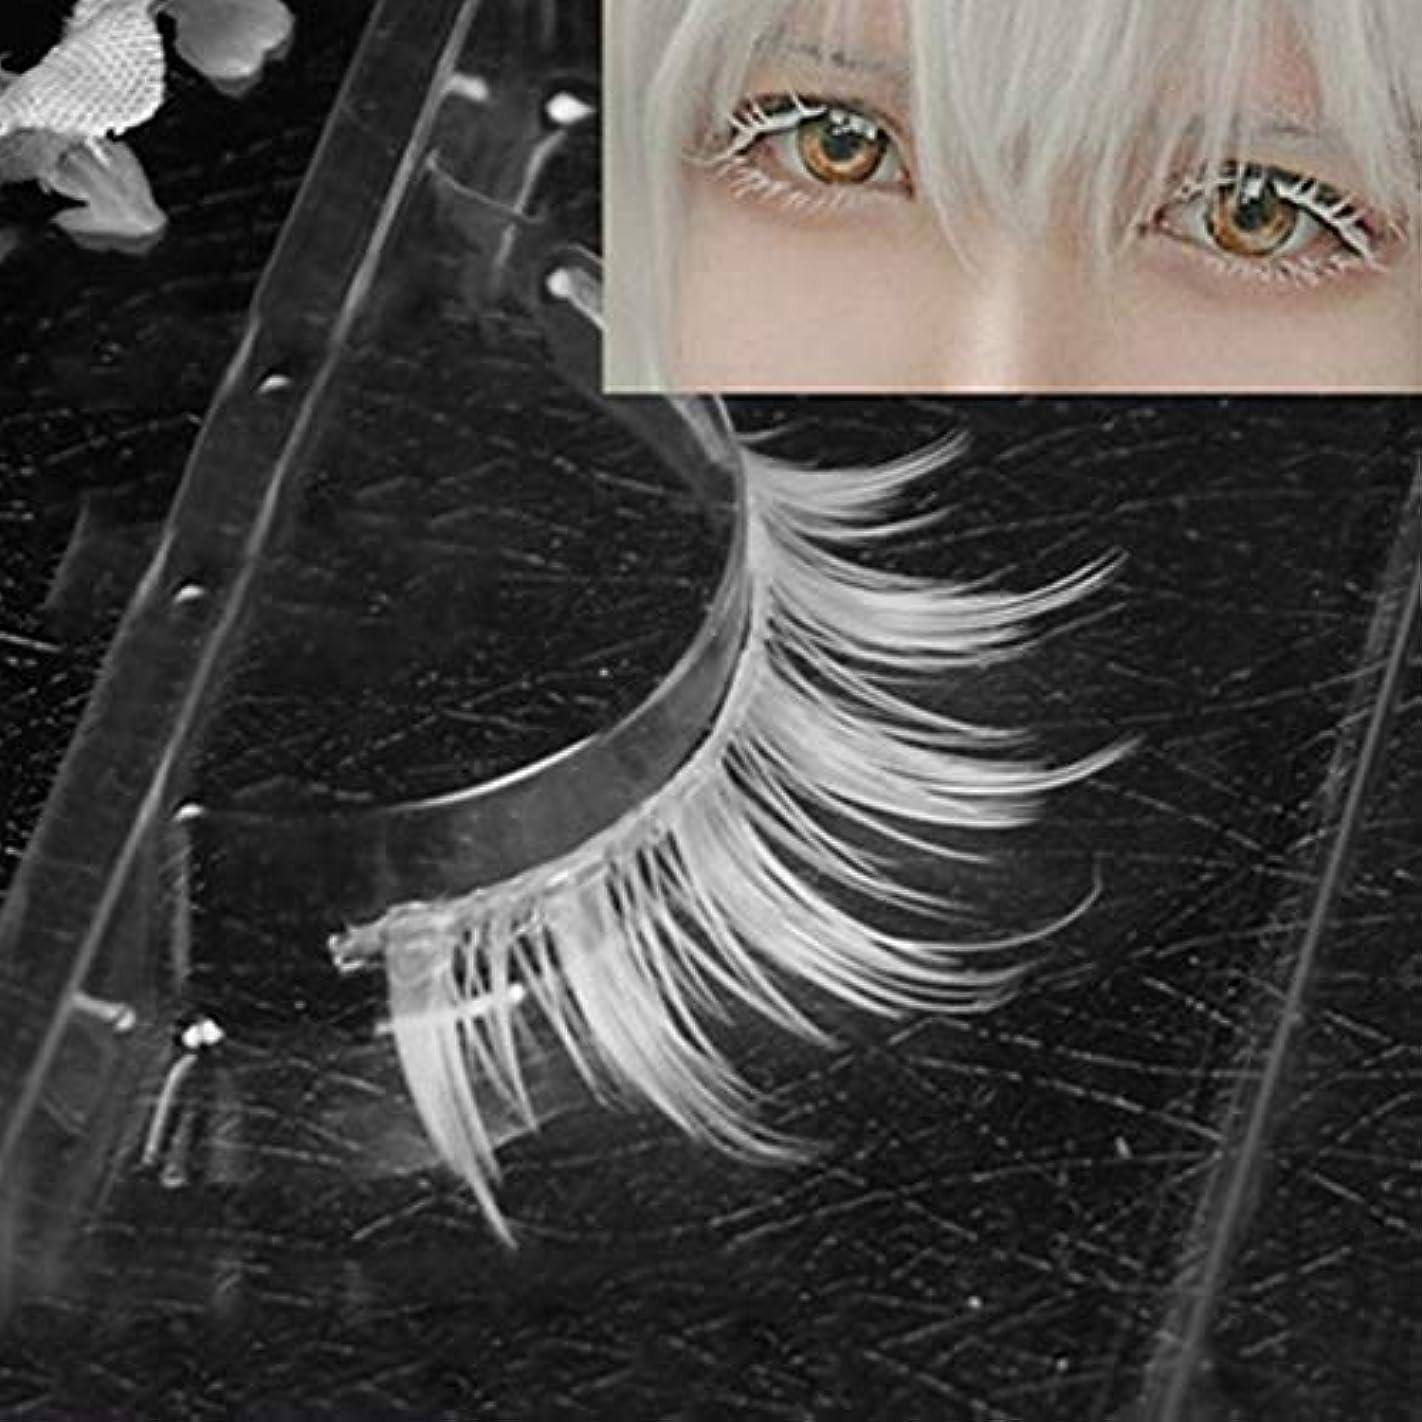 サークル剣プリーツMurakush 偽まつげ 1ペア/セット ホワイト 合成繊維 カーリング 厚い 3D ナチュラル ロング 手作り 女性 レディーズ ファッション コスプレ 仮装 目 メイクアップ 美容院 サロン ツール